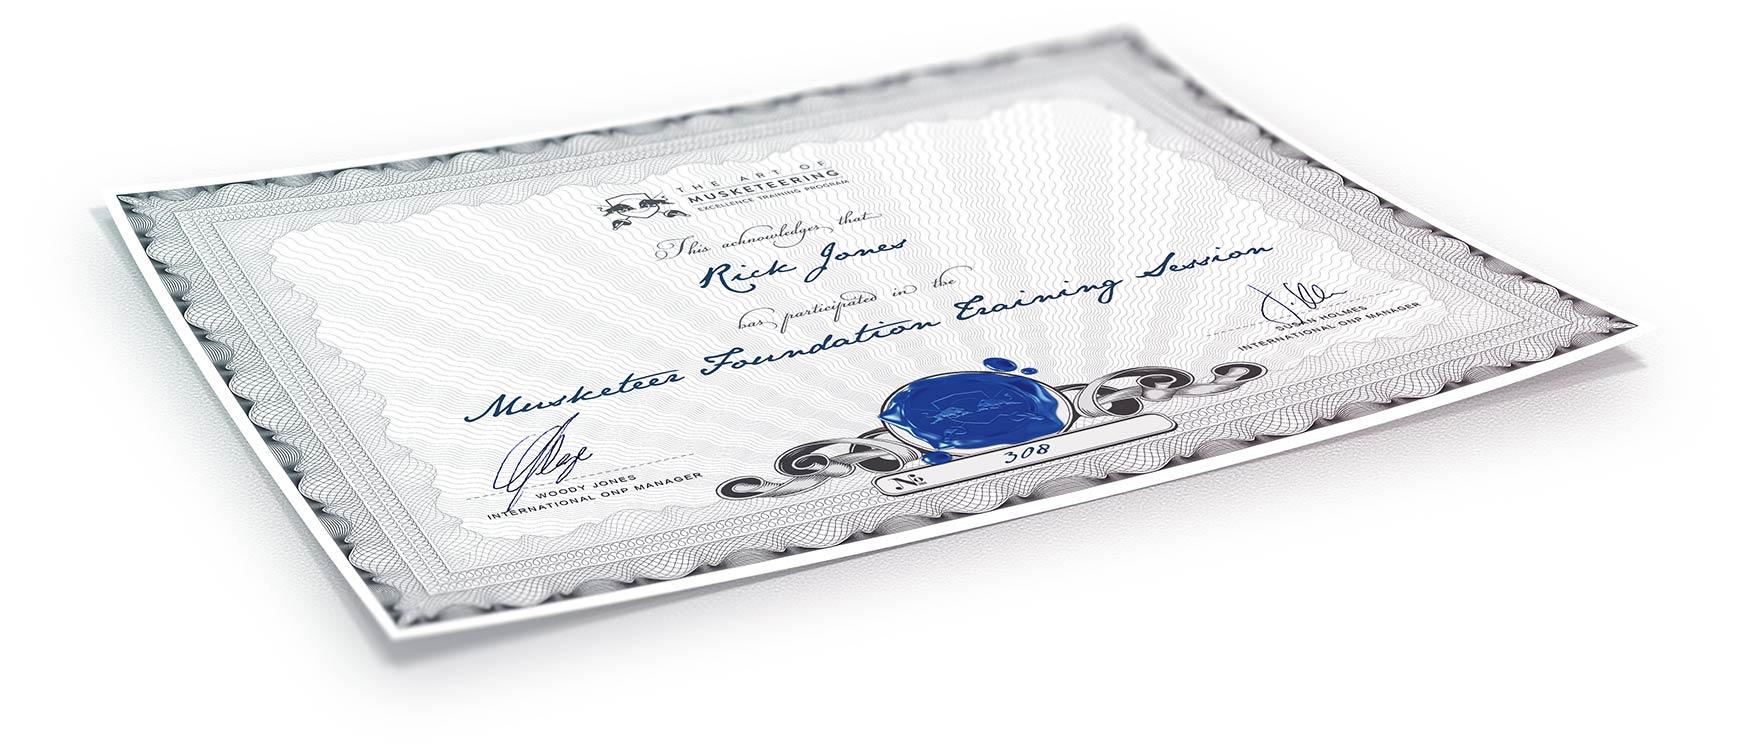 AOM Certificate